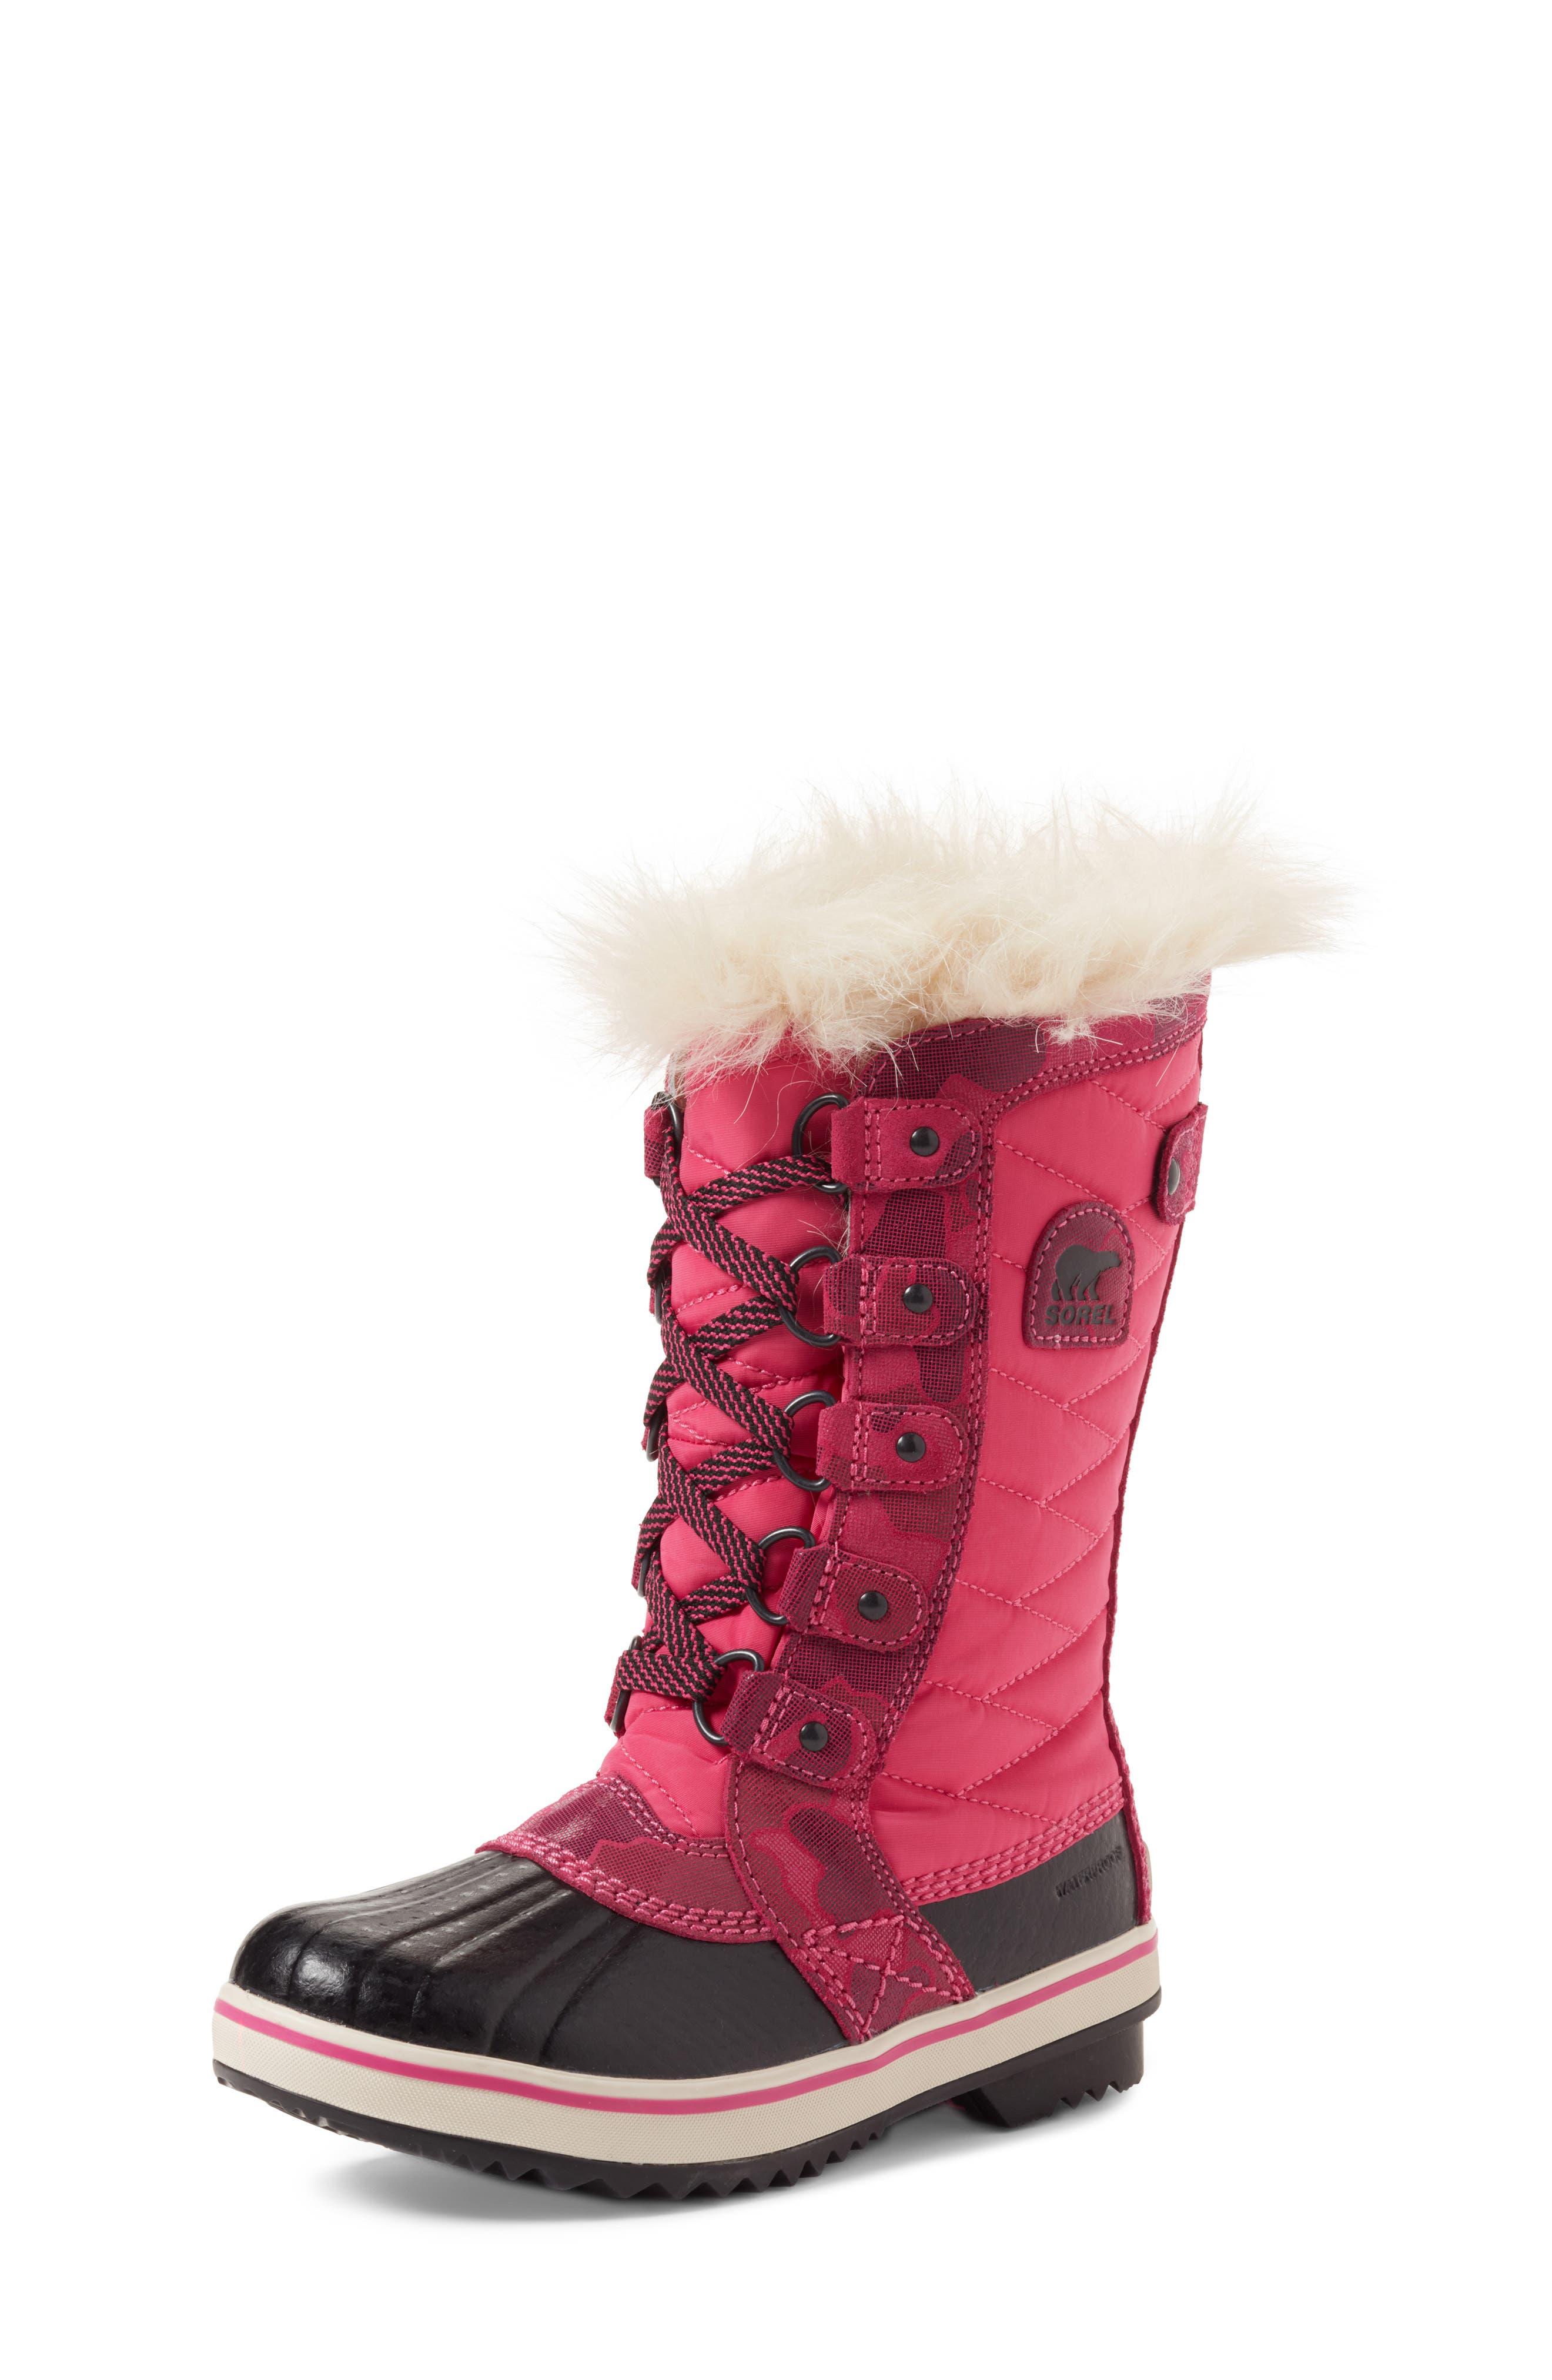 Alternate Image 1 Selected - SOREL Tofino II Faux Fur Lined Waterproof Boot (Little Kid & Big Kid)